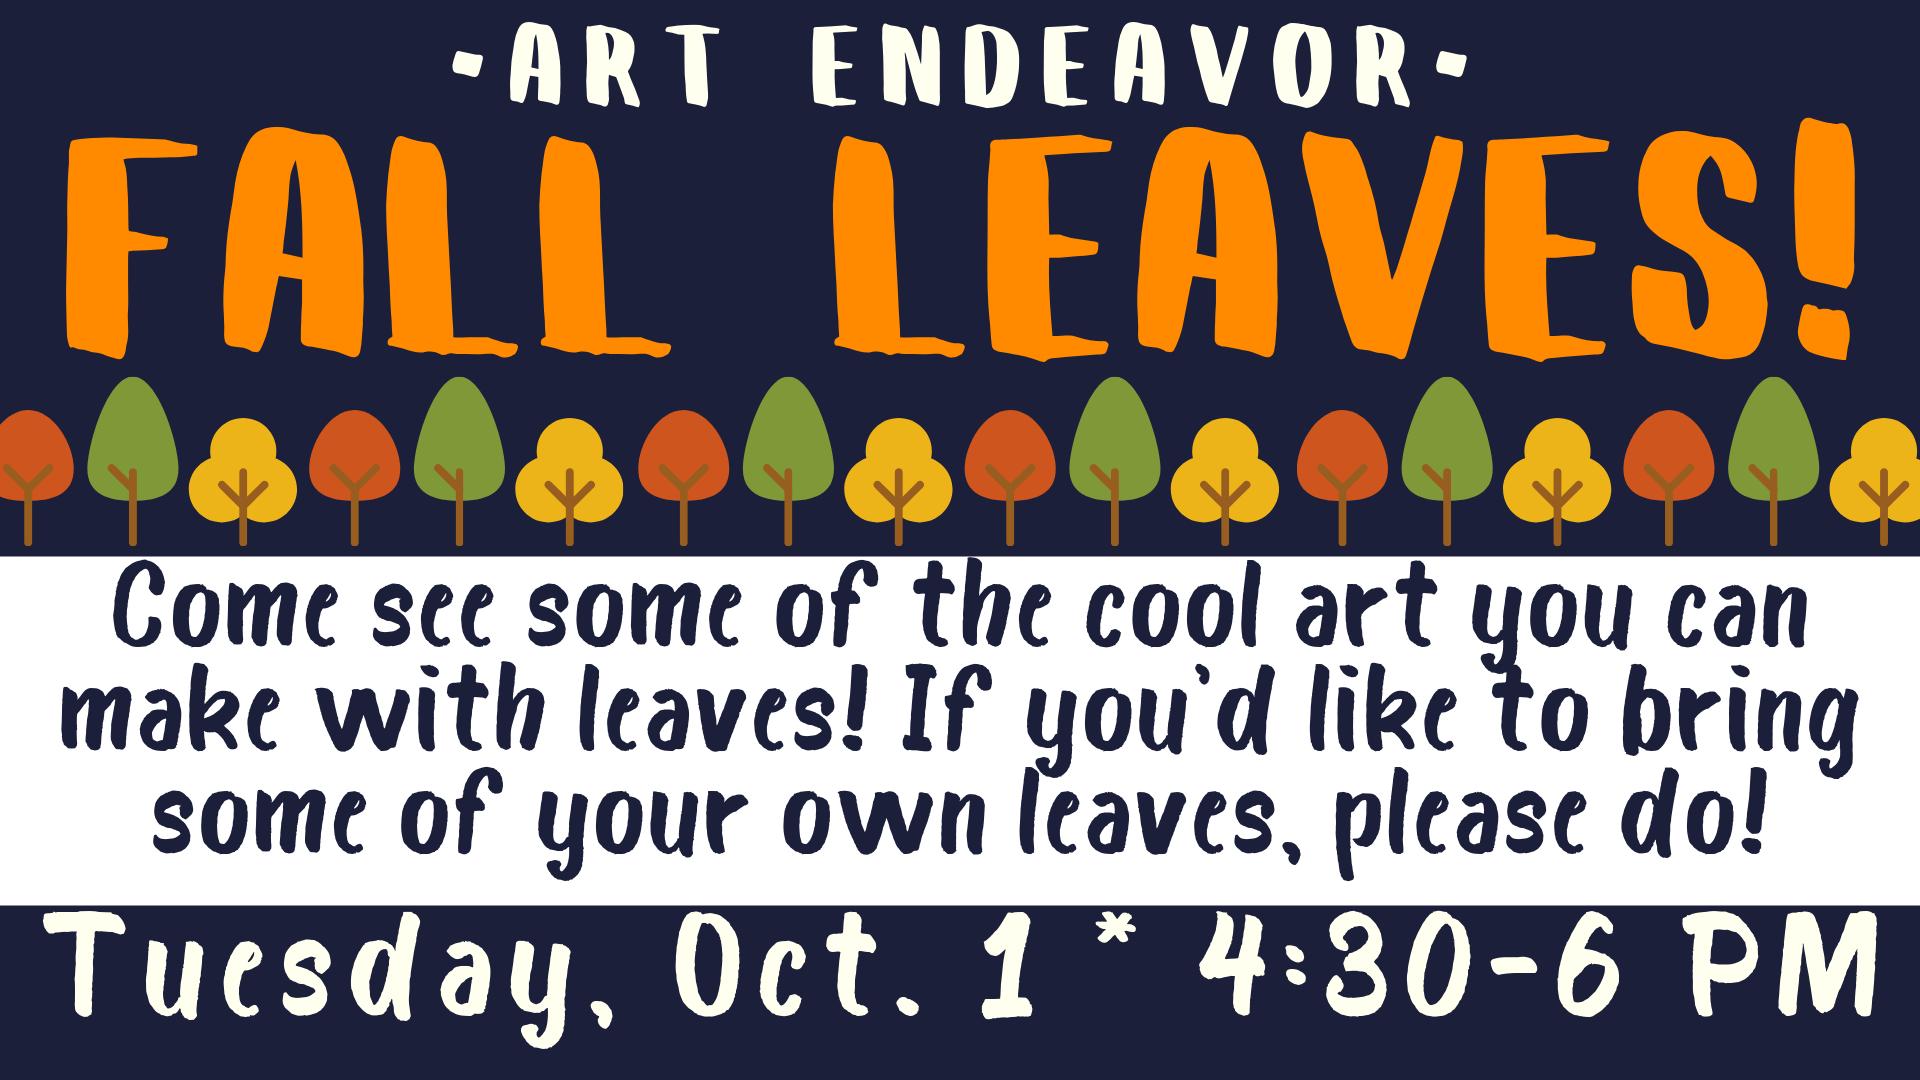 Art Endeavor - Fall Leaves!